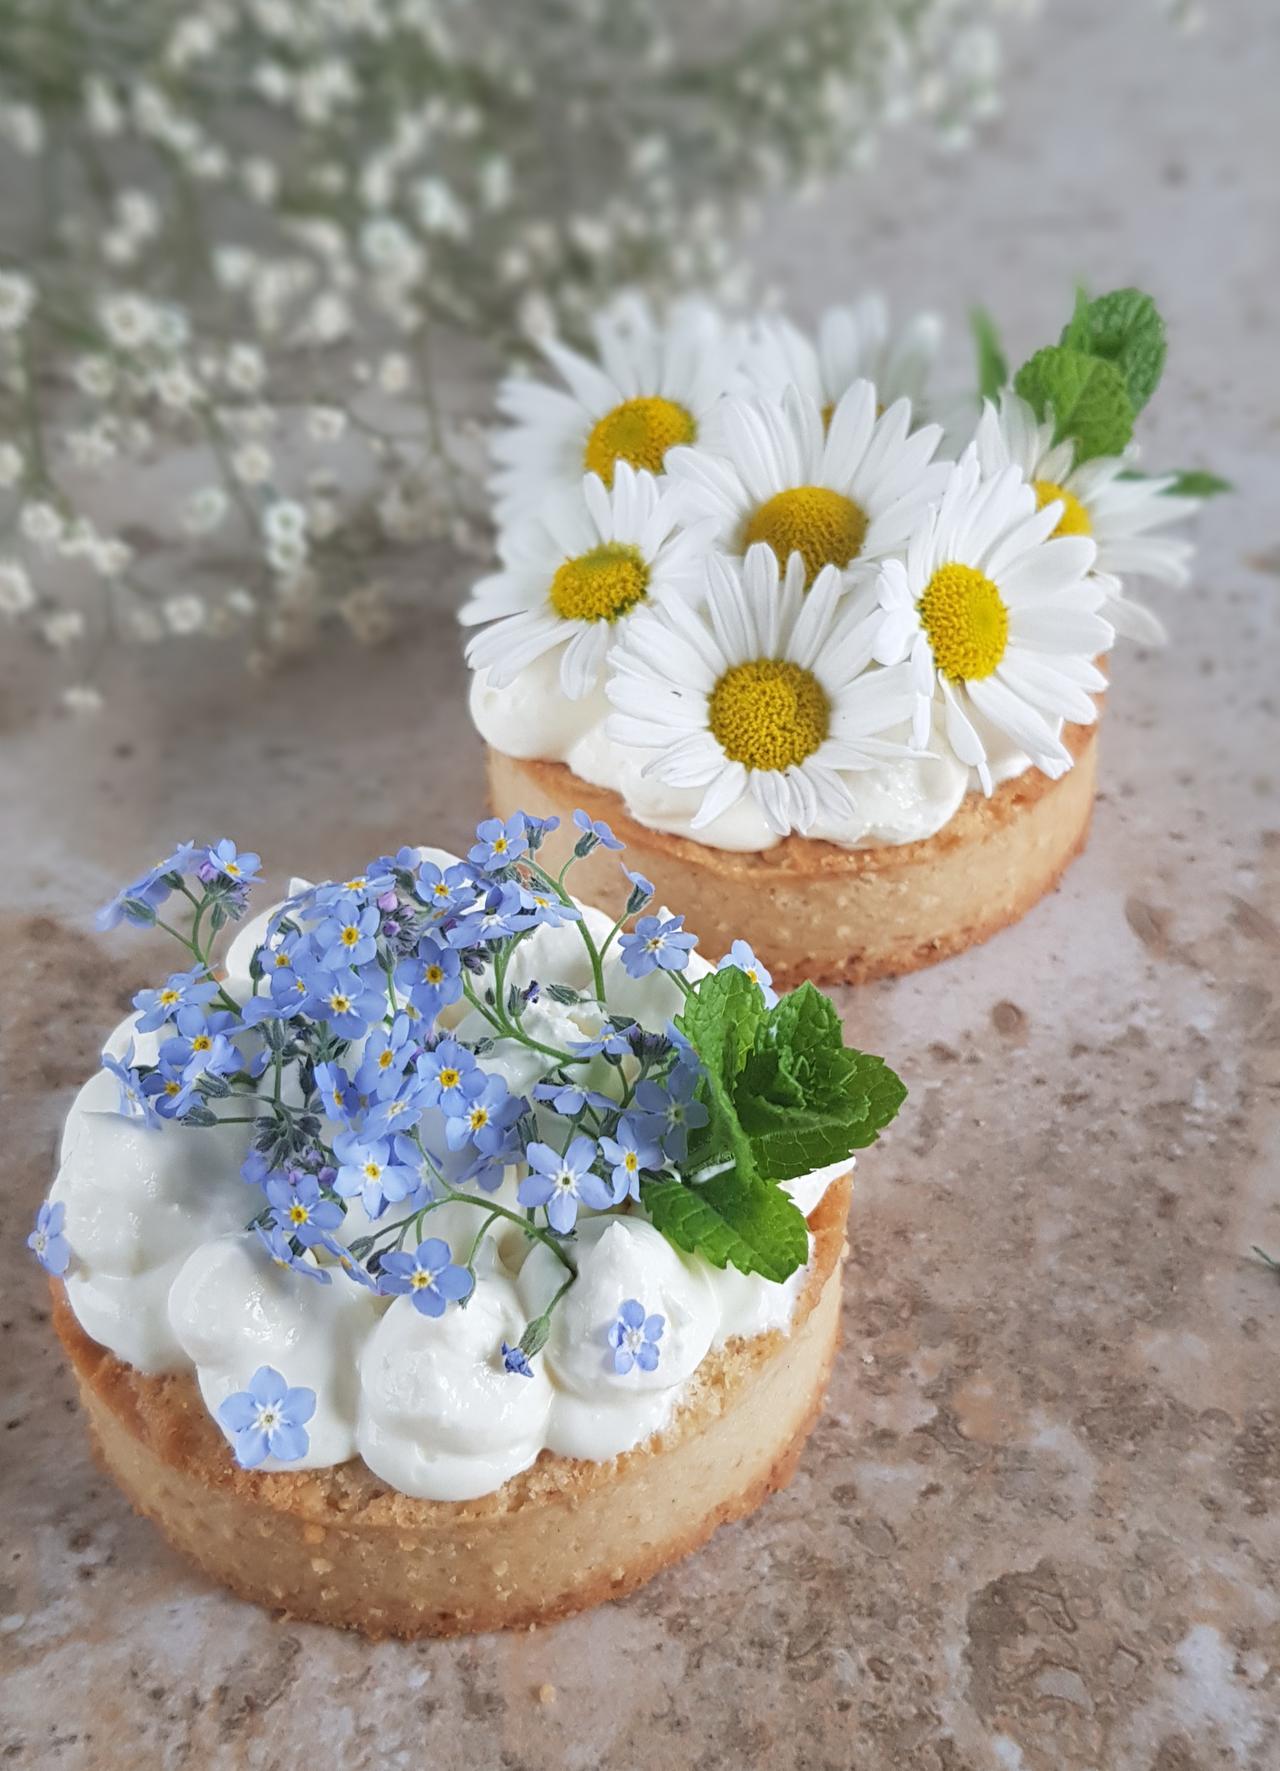 tartoletki ze swiezymi kwiatami